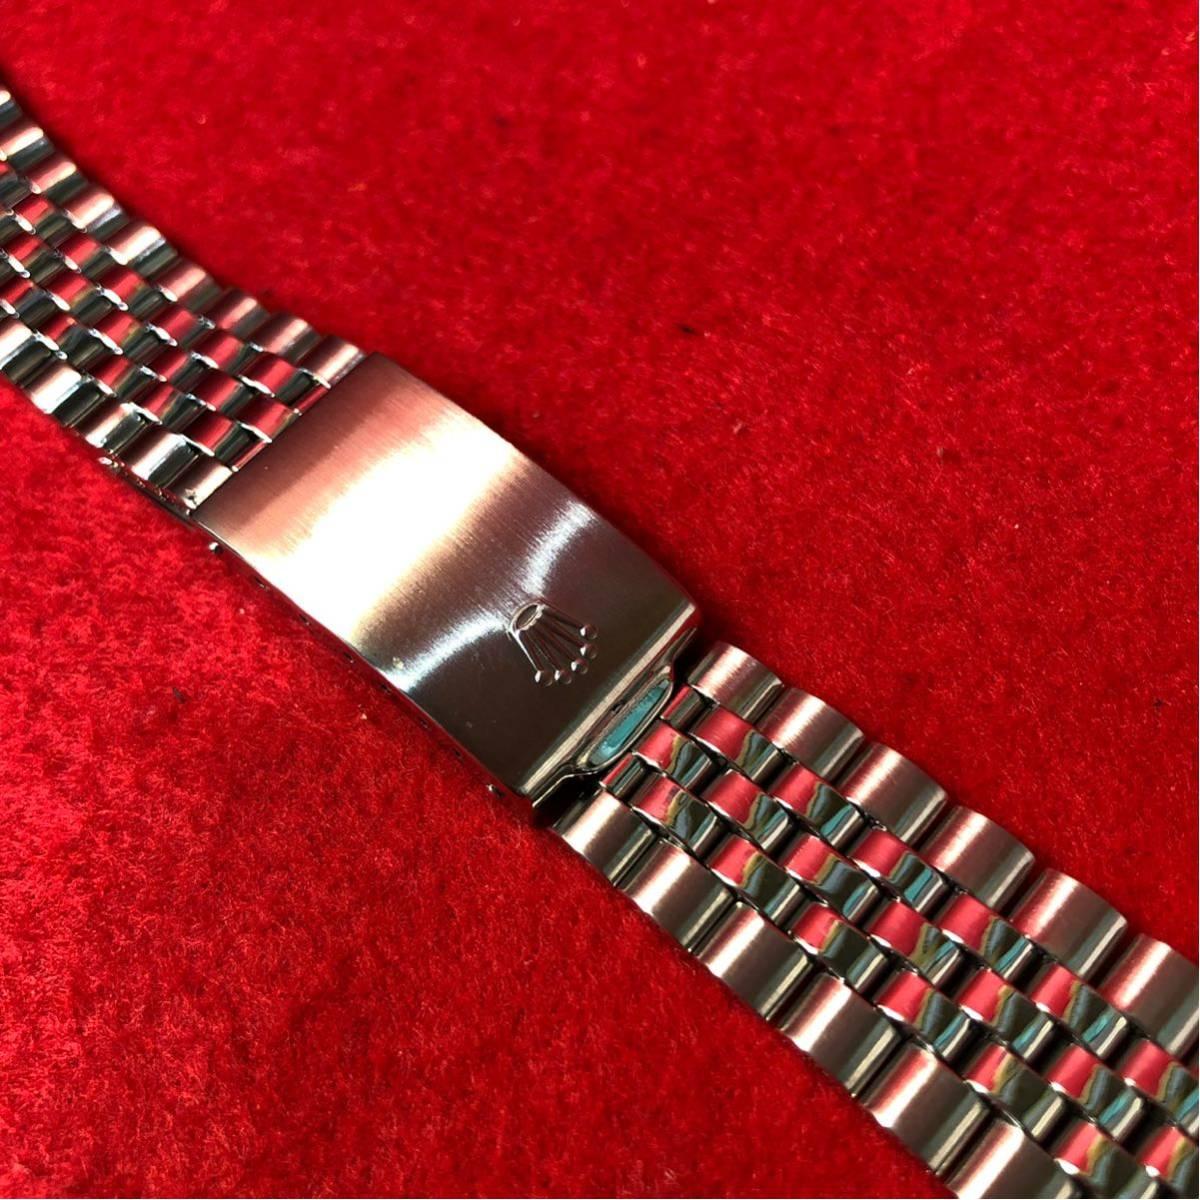 60000円~【美品】ROLEX ロレックス 純正 20mm 巻き ジュビリーブレス 6251H/FF55 メンズ 腕時計 ベルト パーツ 部品_画像3